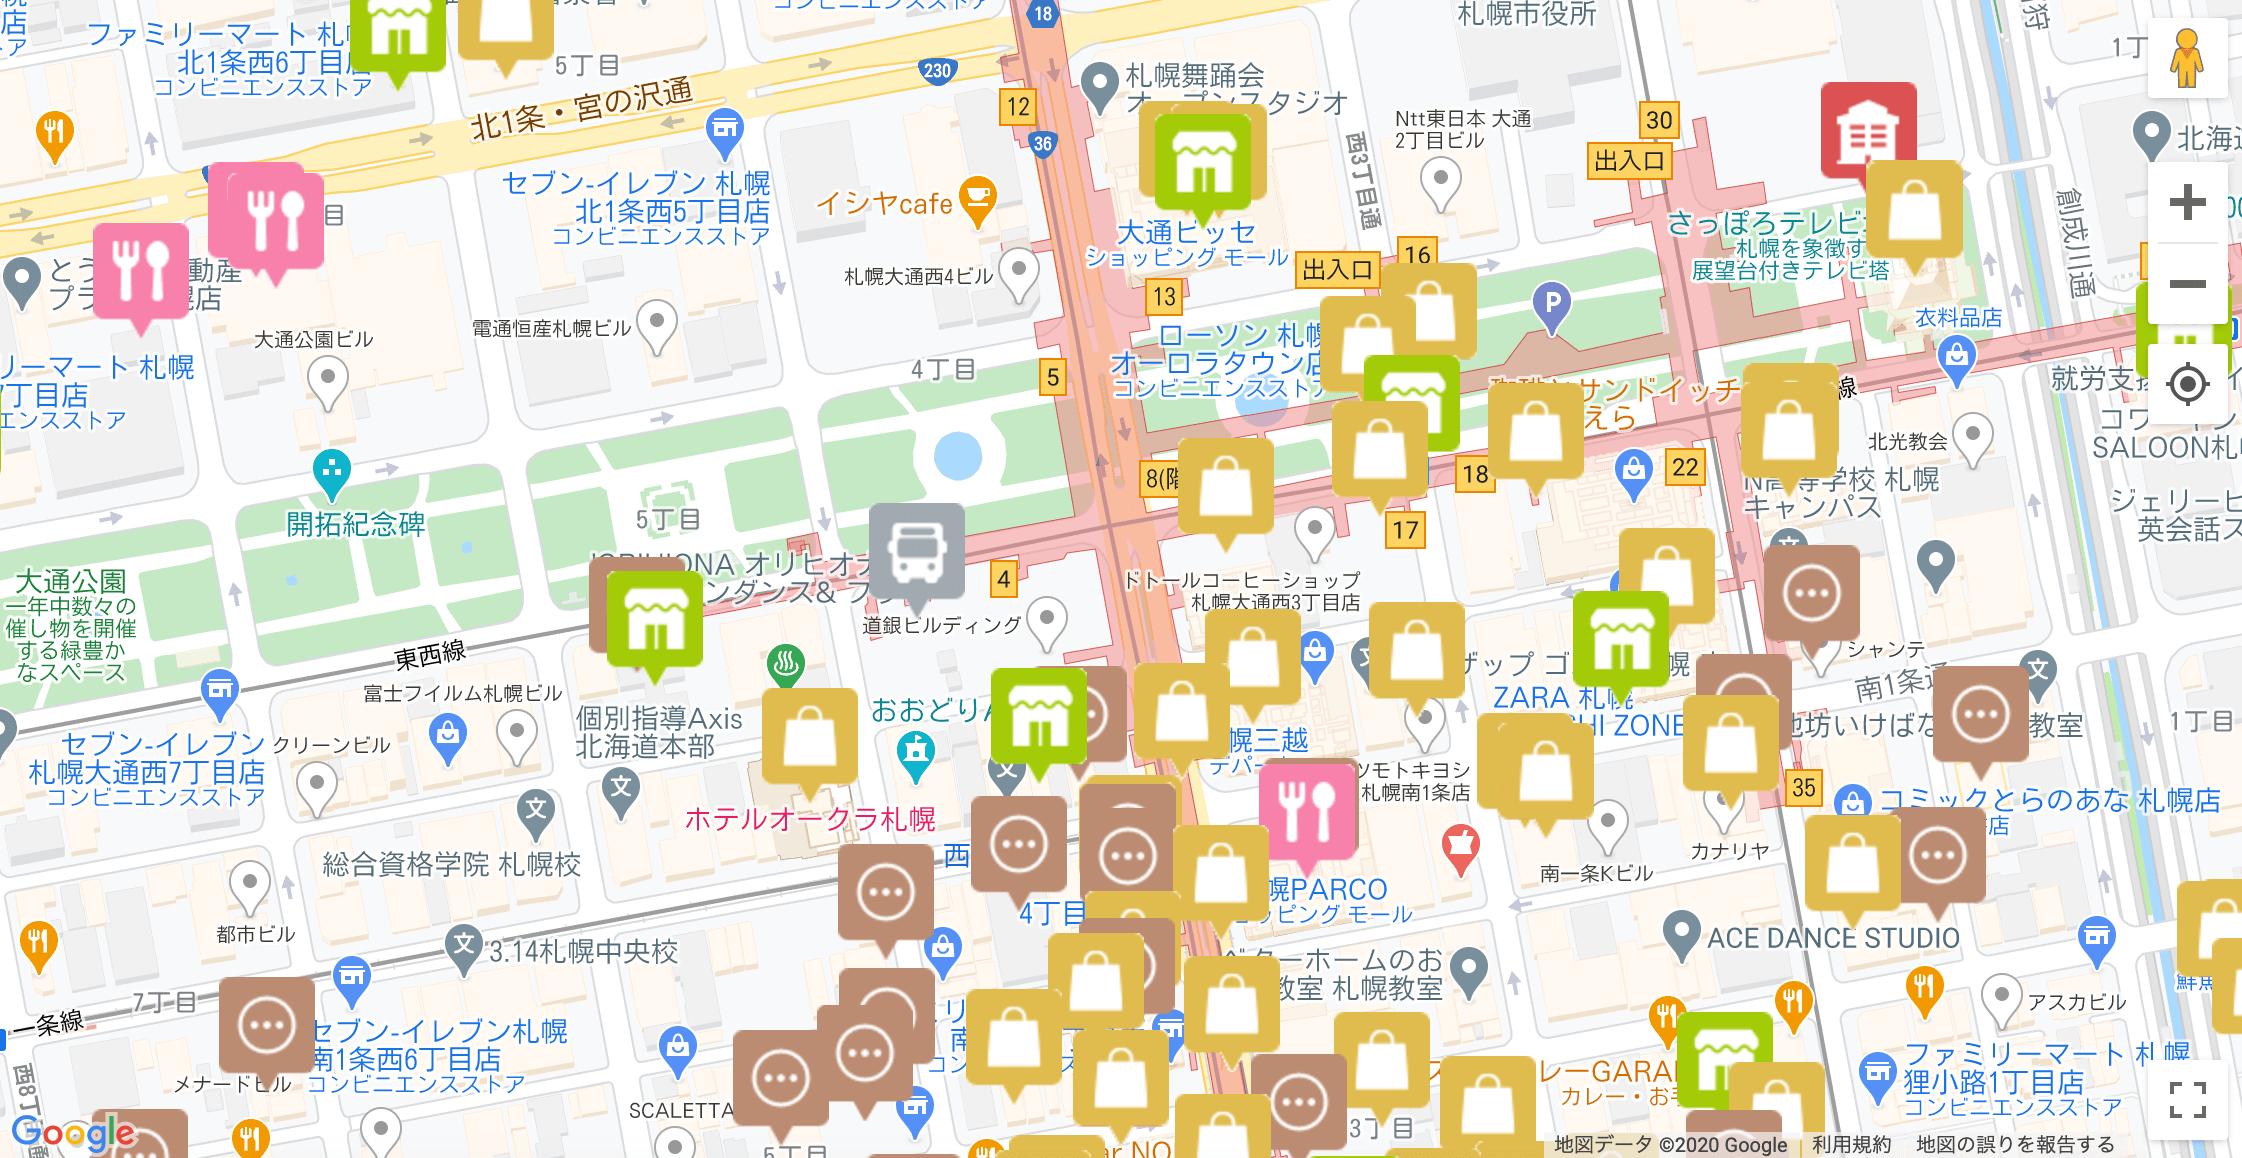 地域共通クーポン取扱店舗検索マップ